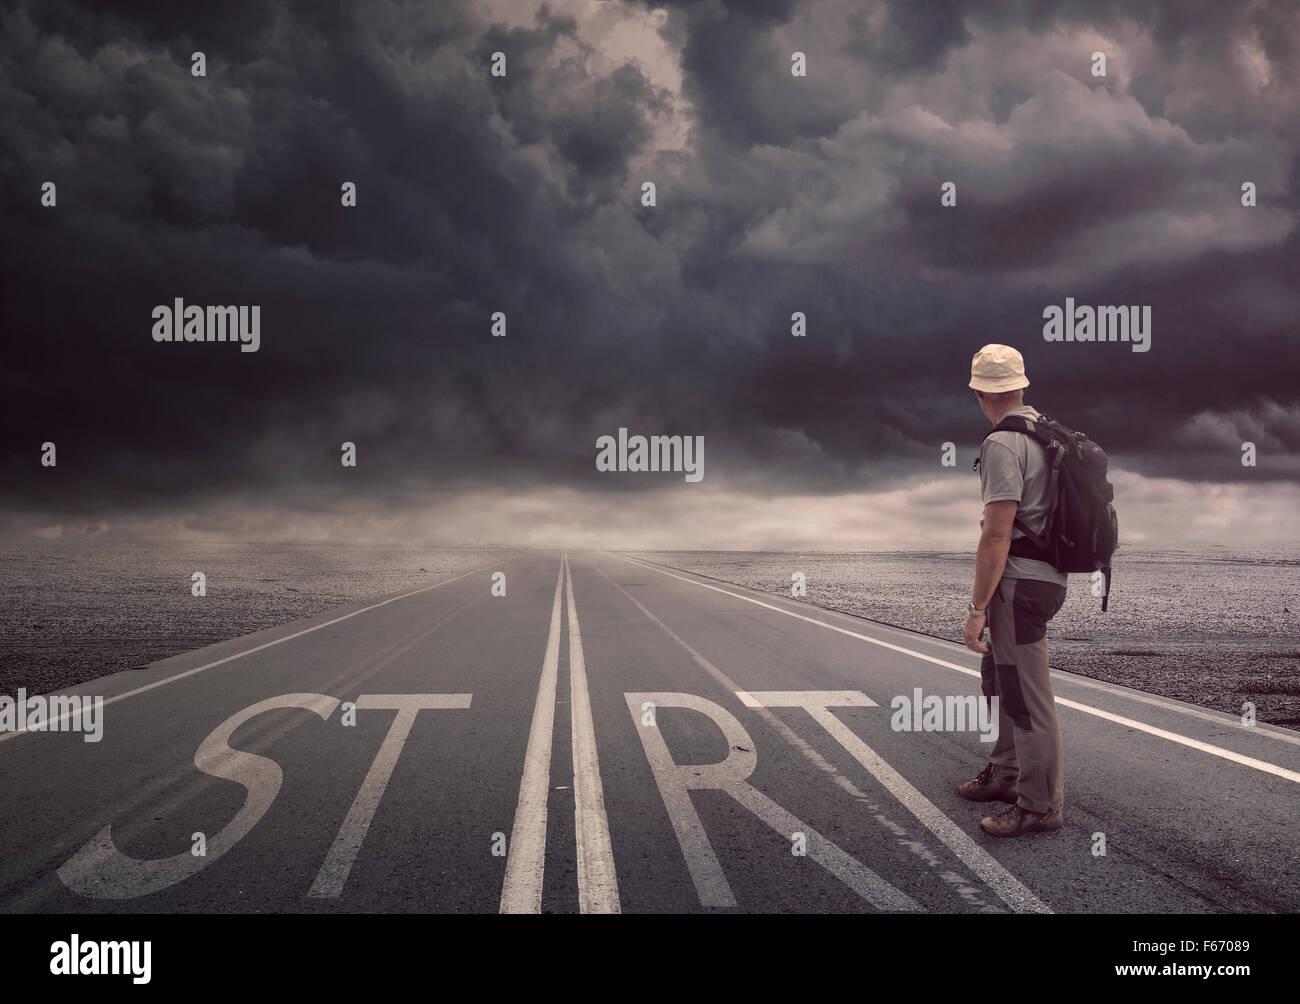 Starten Sie Ihr Leben Stockbild